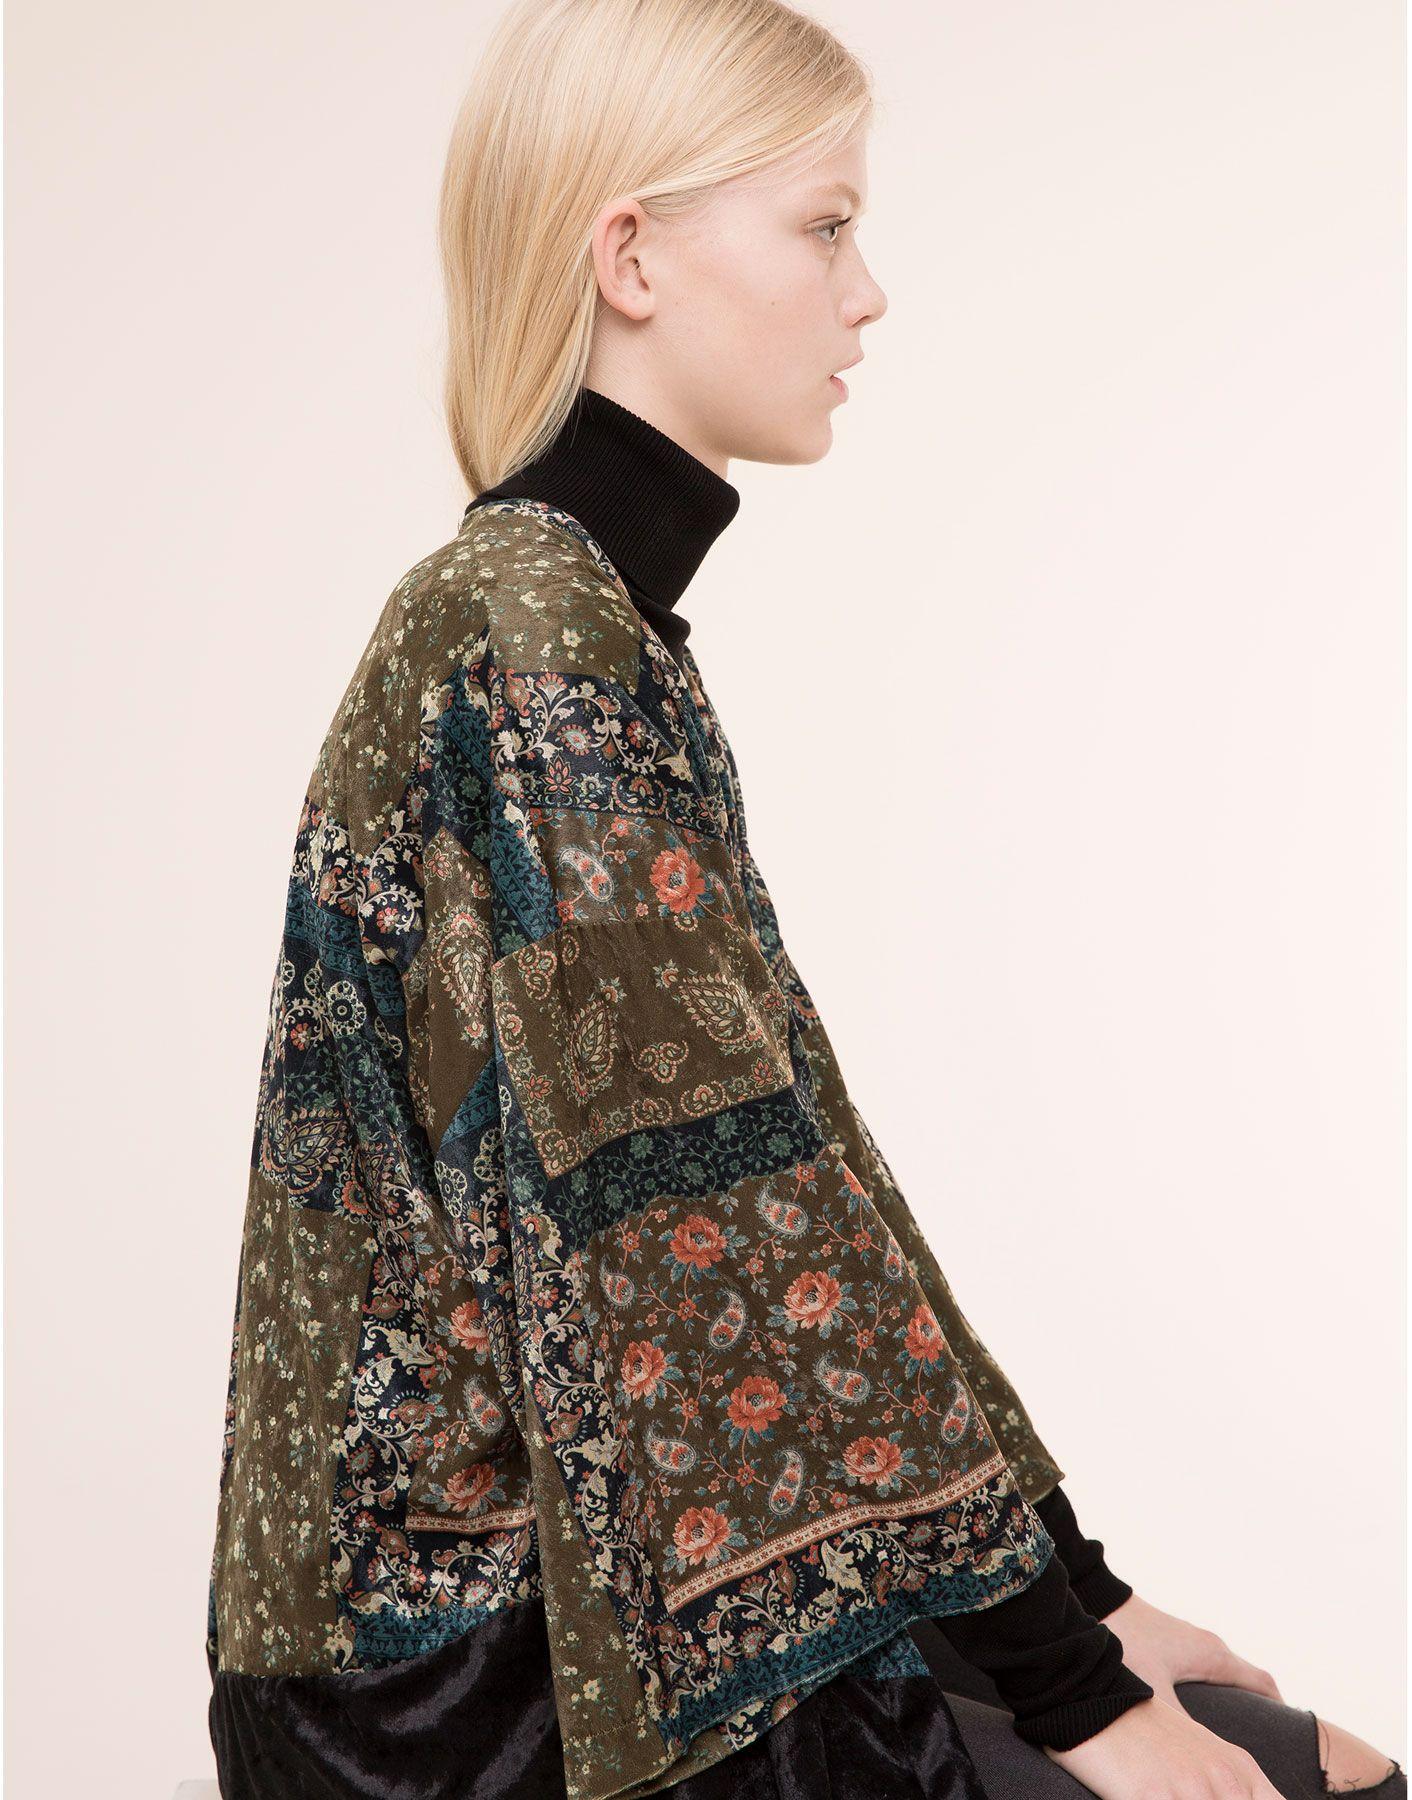 Terciopelo Kimono amp;bear Mujer Y Kimonos Chaqueta Ponchos Pull qTxnCd5nFw